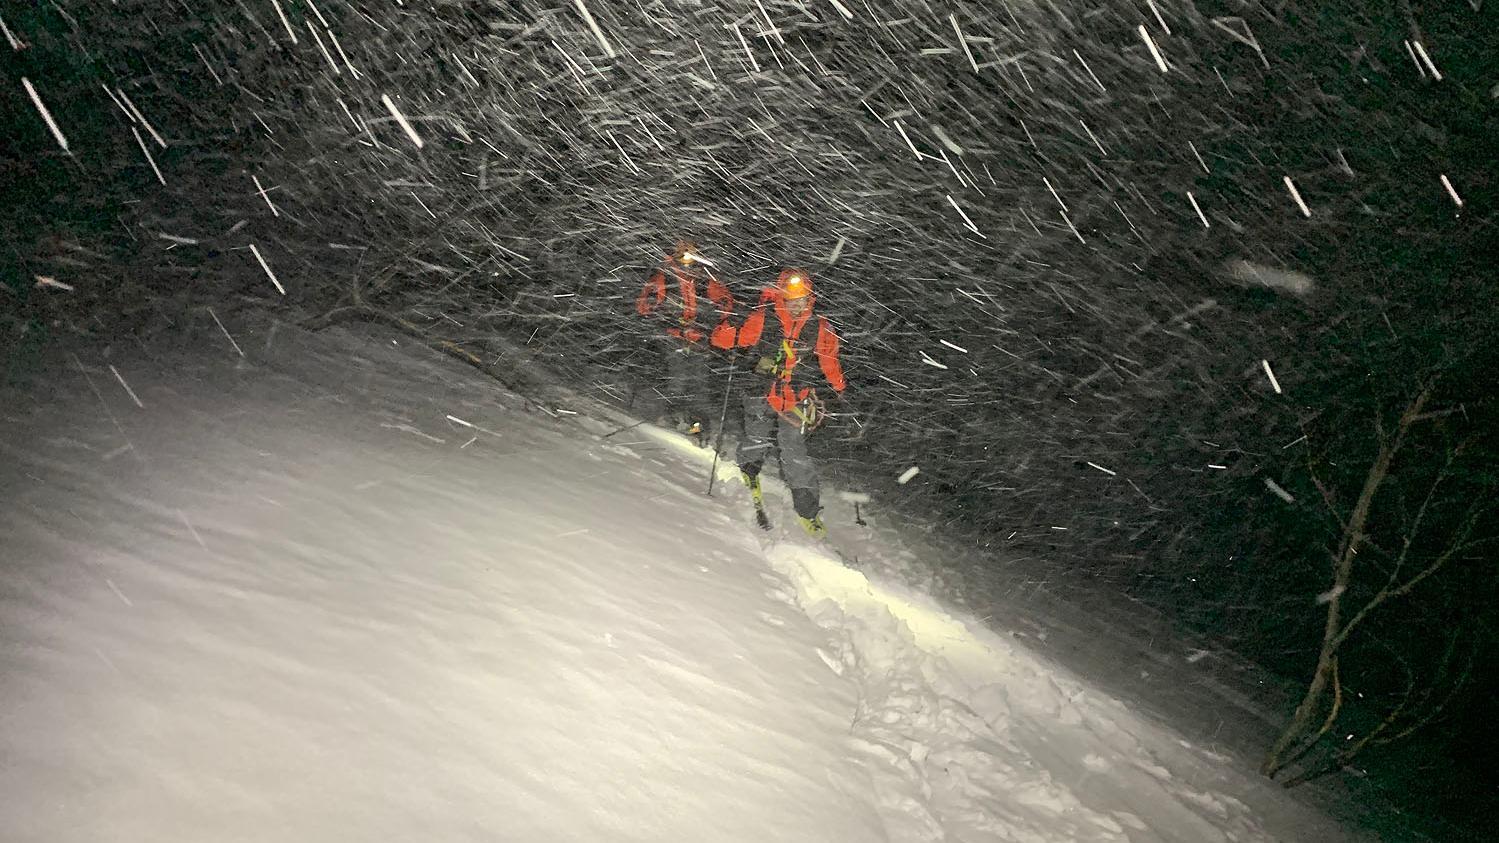 Bergretter helfen einem Skitourengeher.